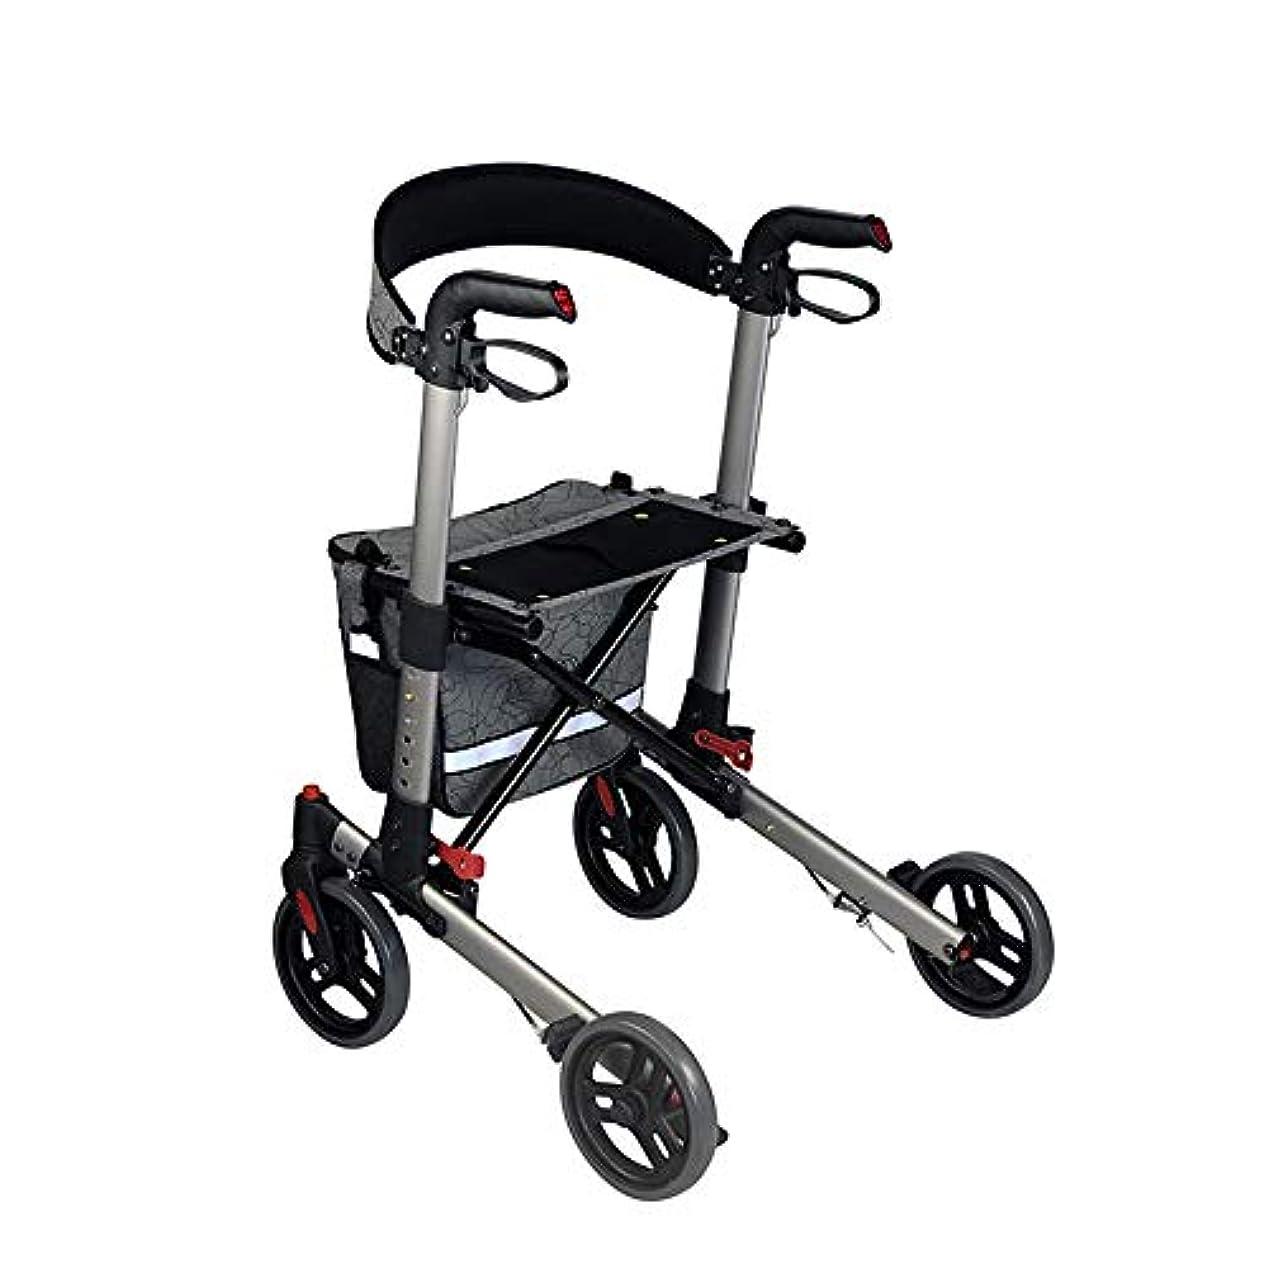 パース可能性症候群軽量折りたたみ式4輪歩行歩行器、老人歩行カートショッピングカート多機能レジャー折りたたみショッピングカート